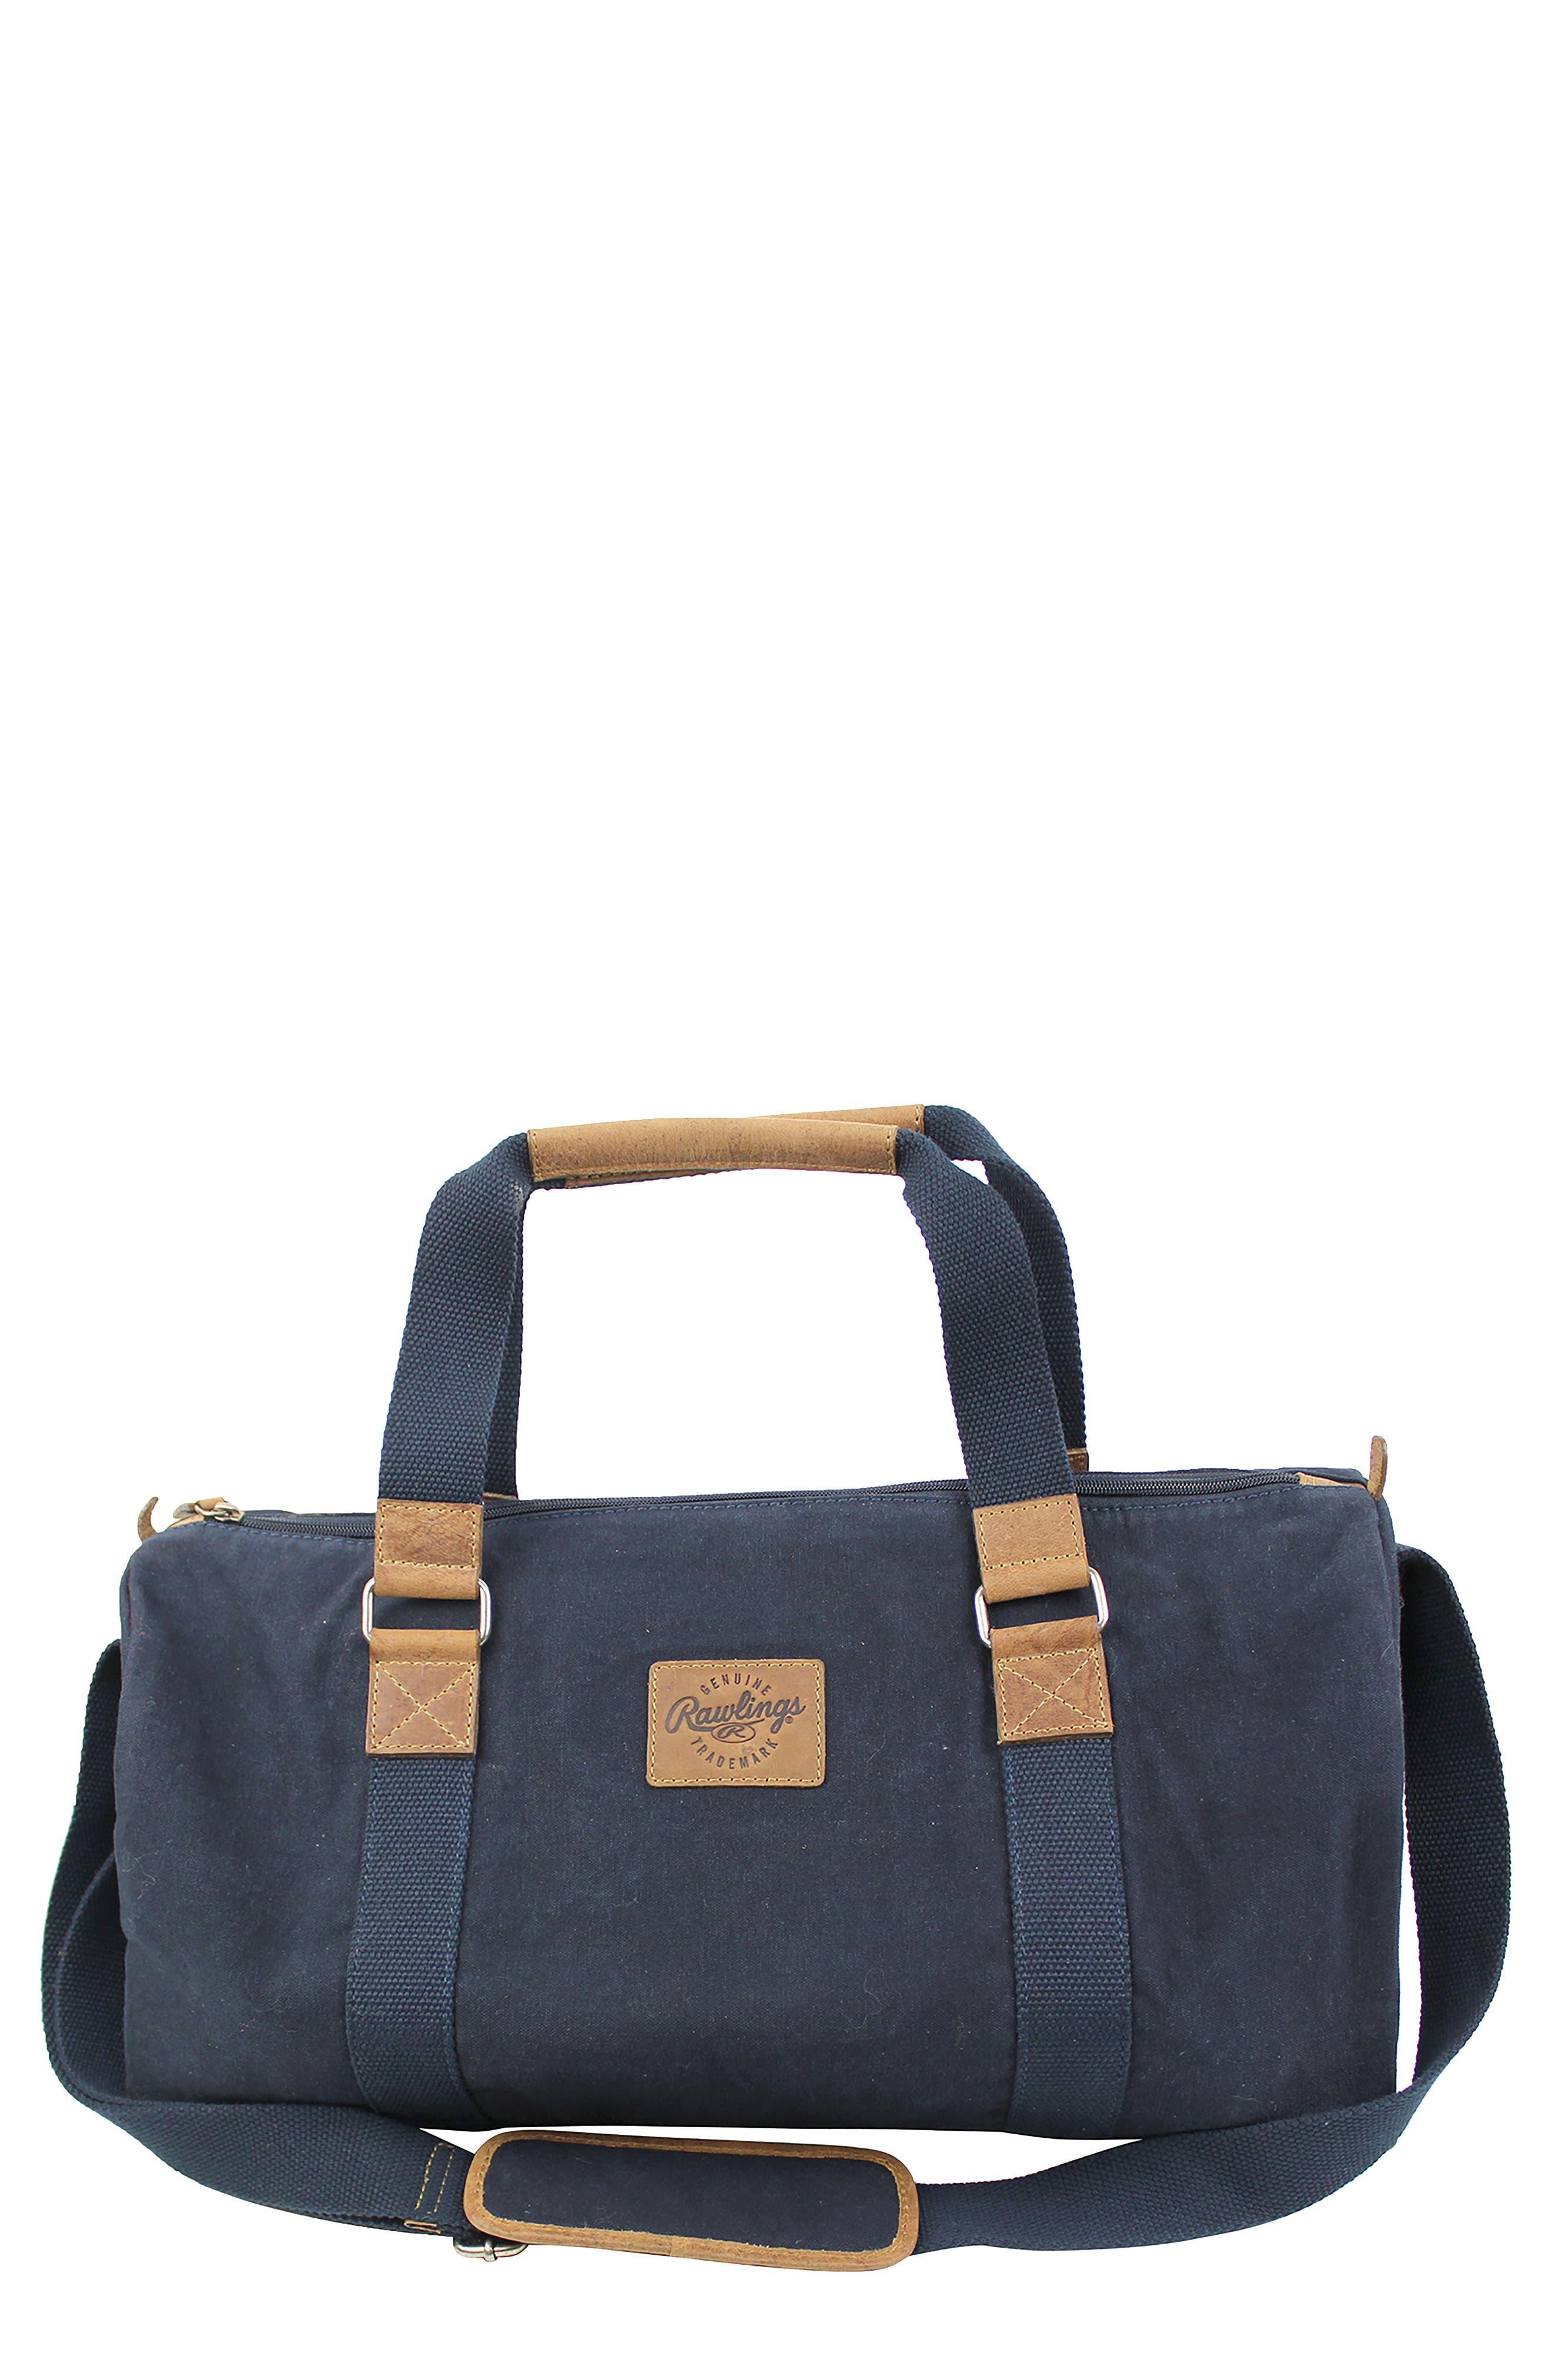 Rawlings® Canvas Duffel Bag